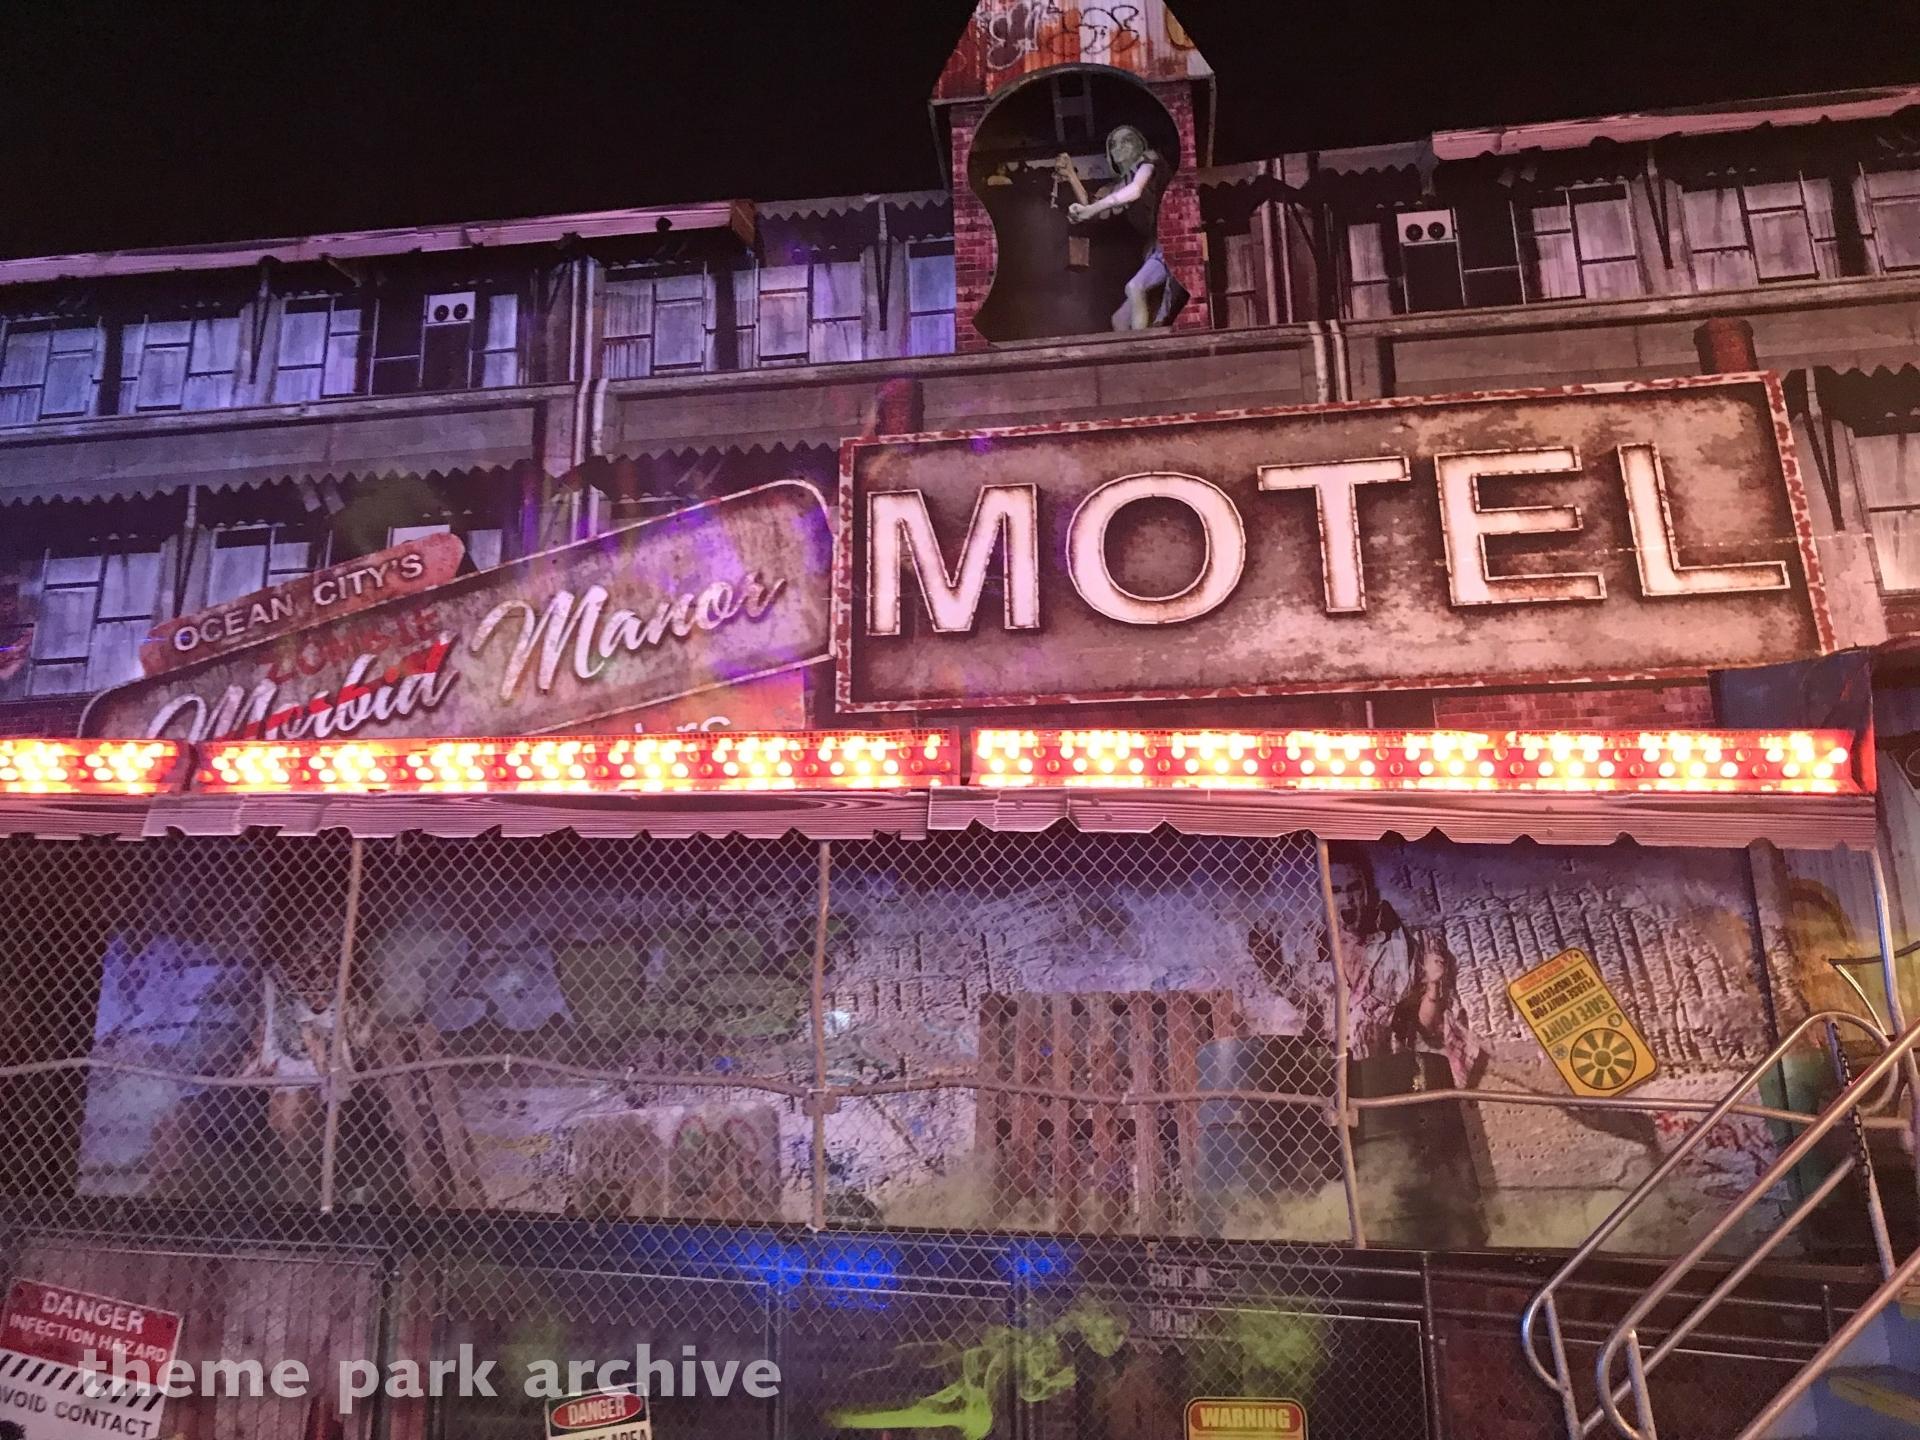 Morbid Manor at Jolly Roger at the Pier Amusements